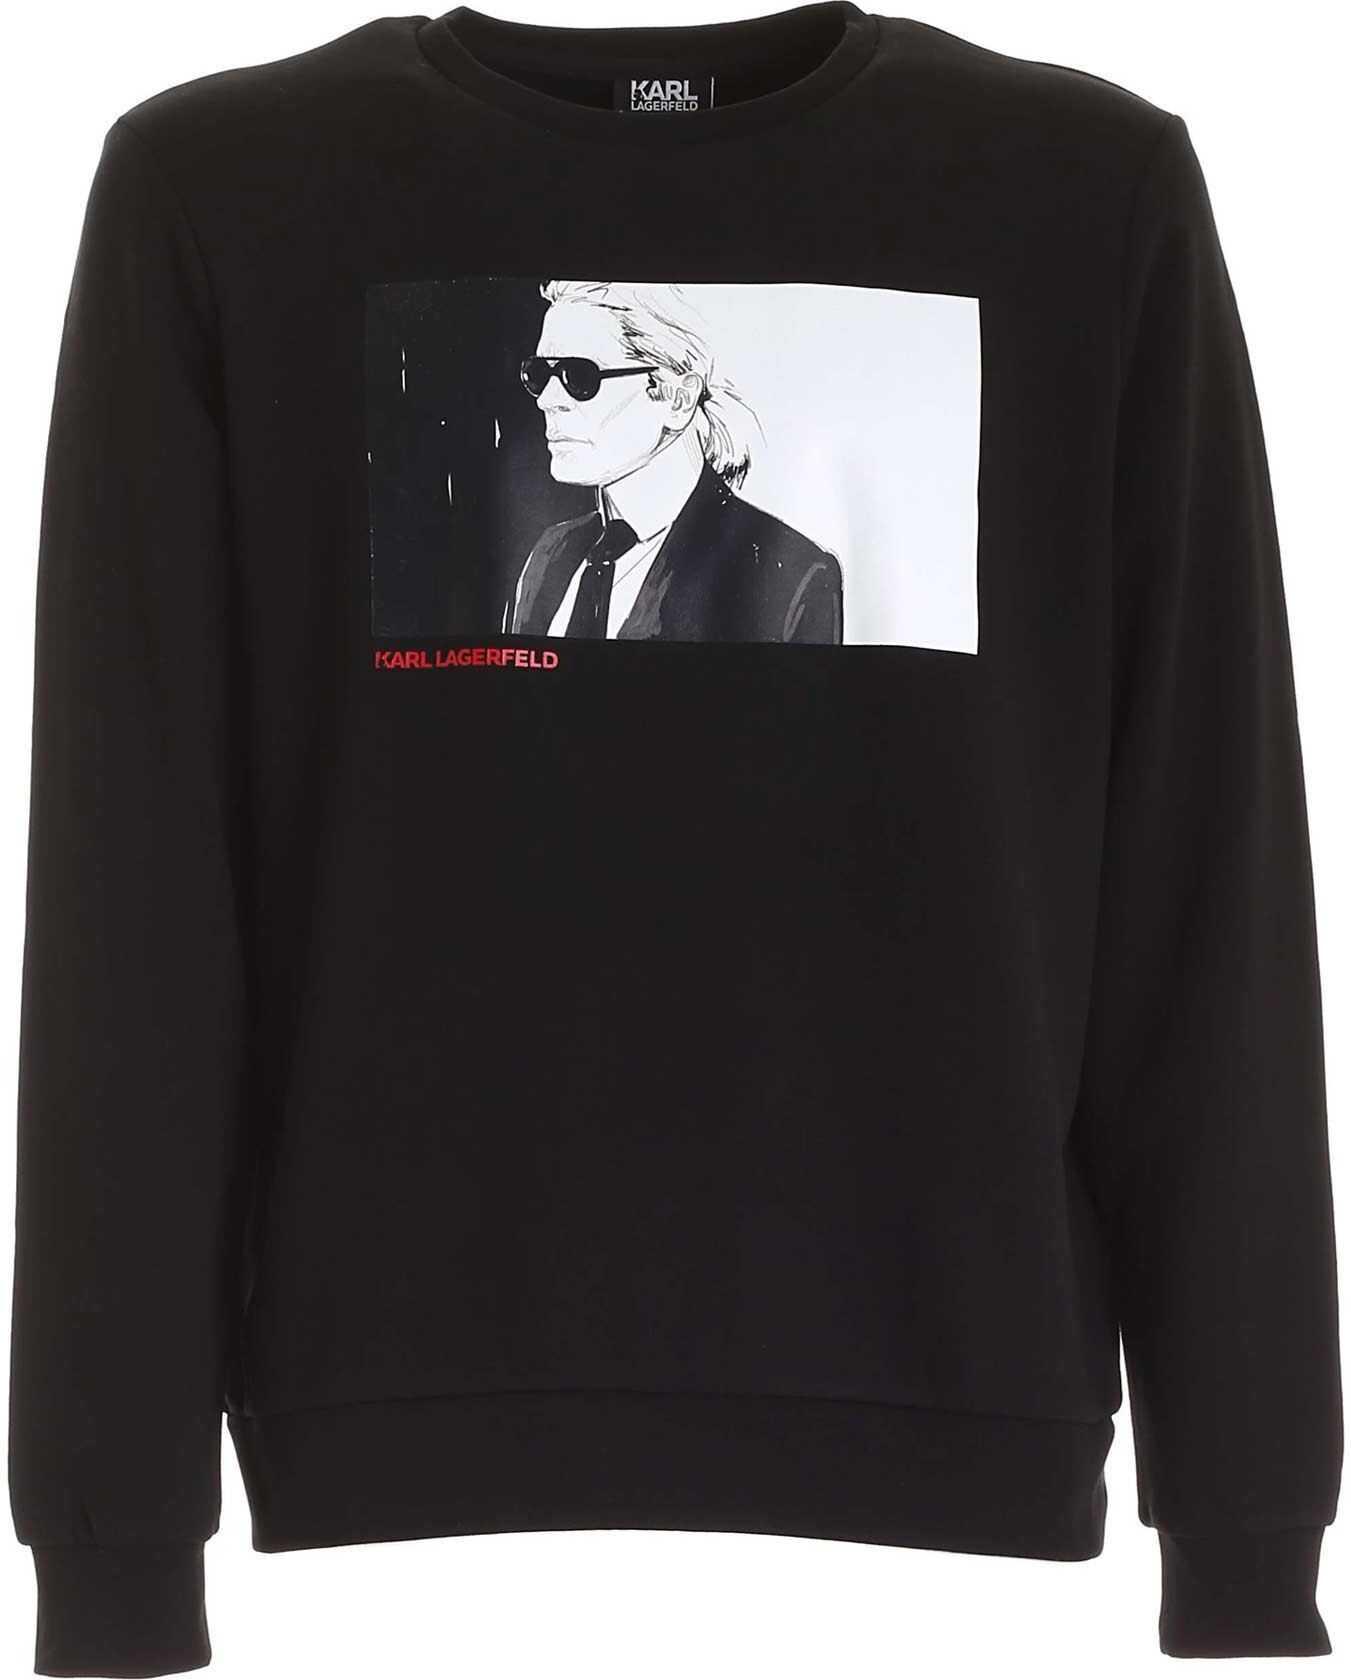 Karl Lagerfeld Crewneck Sweatshirt In Black Black imagine